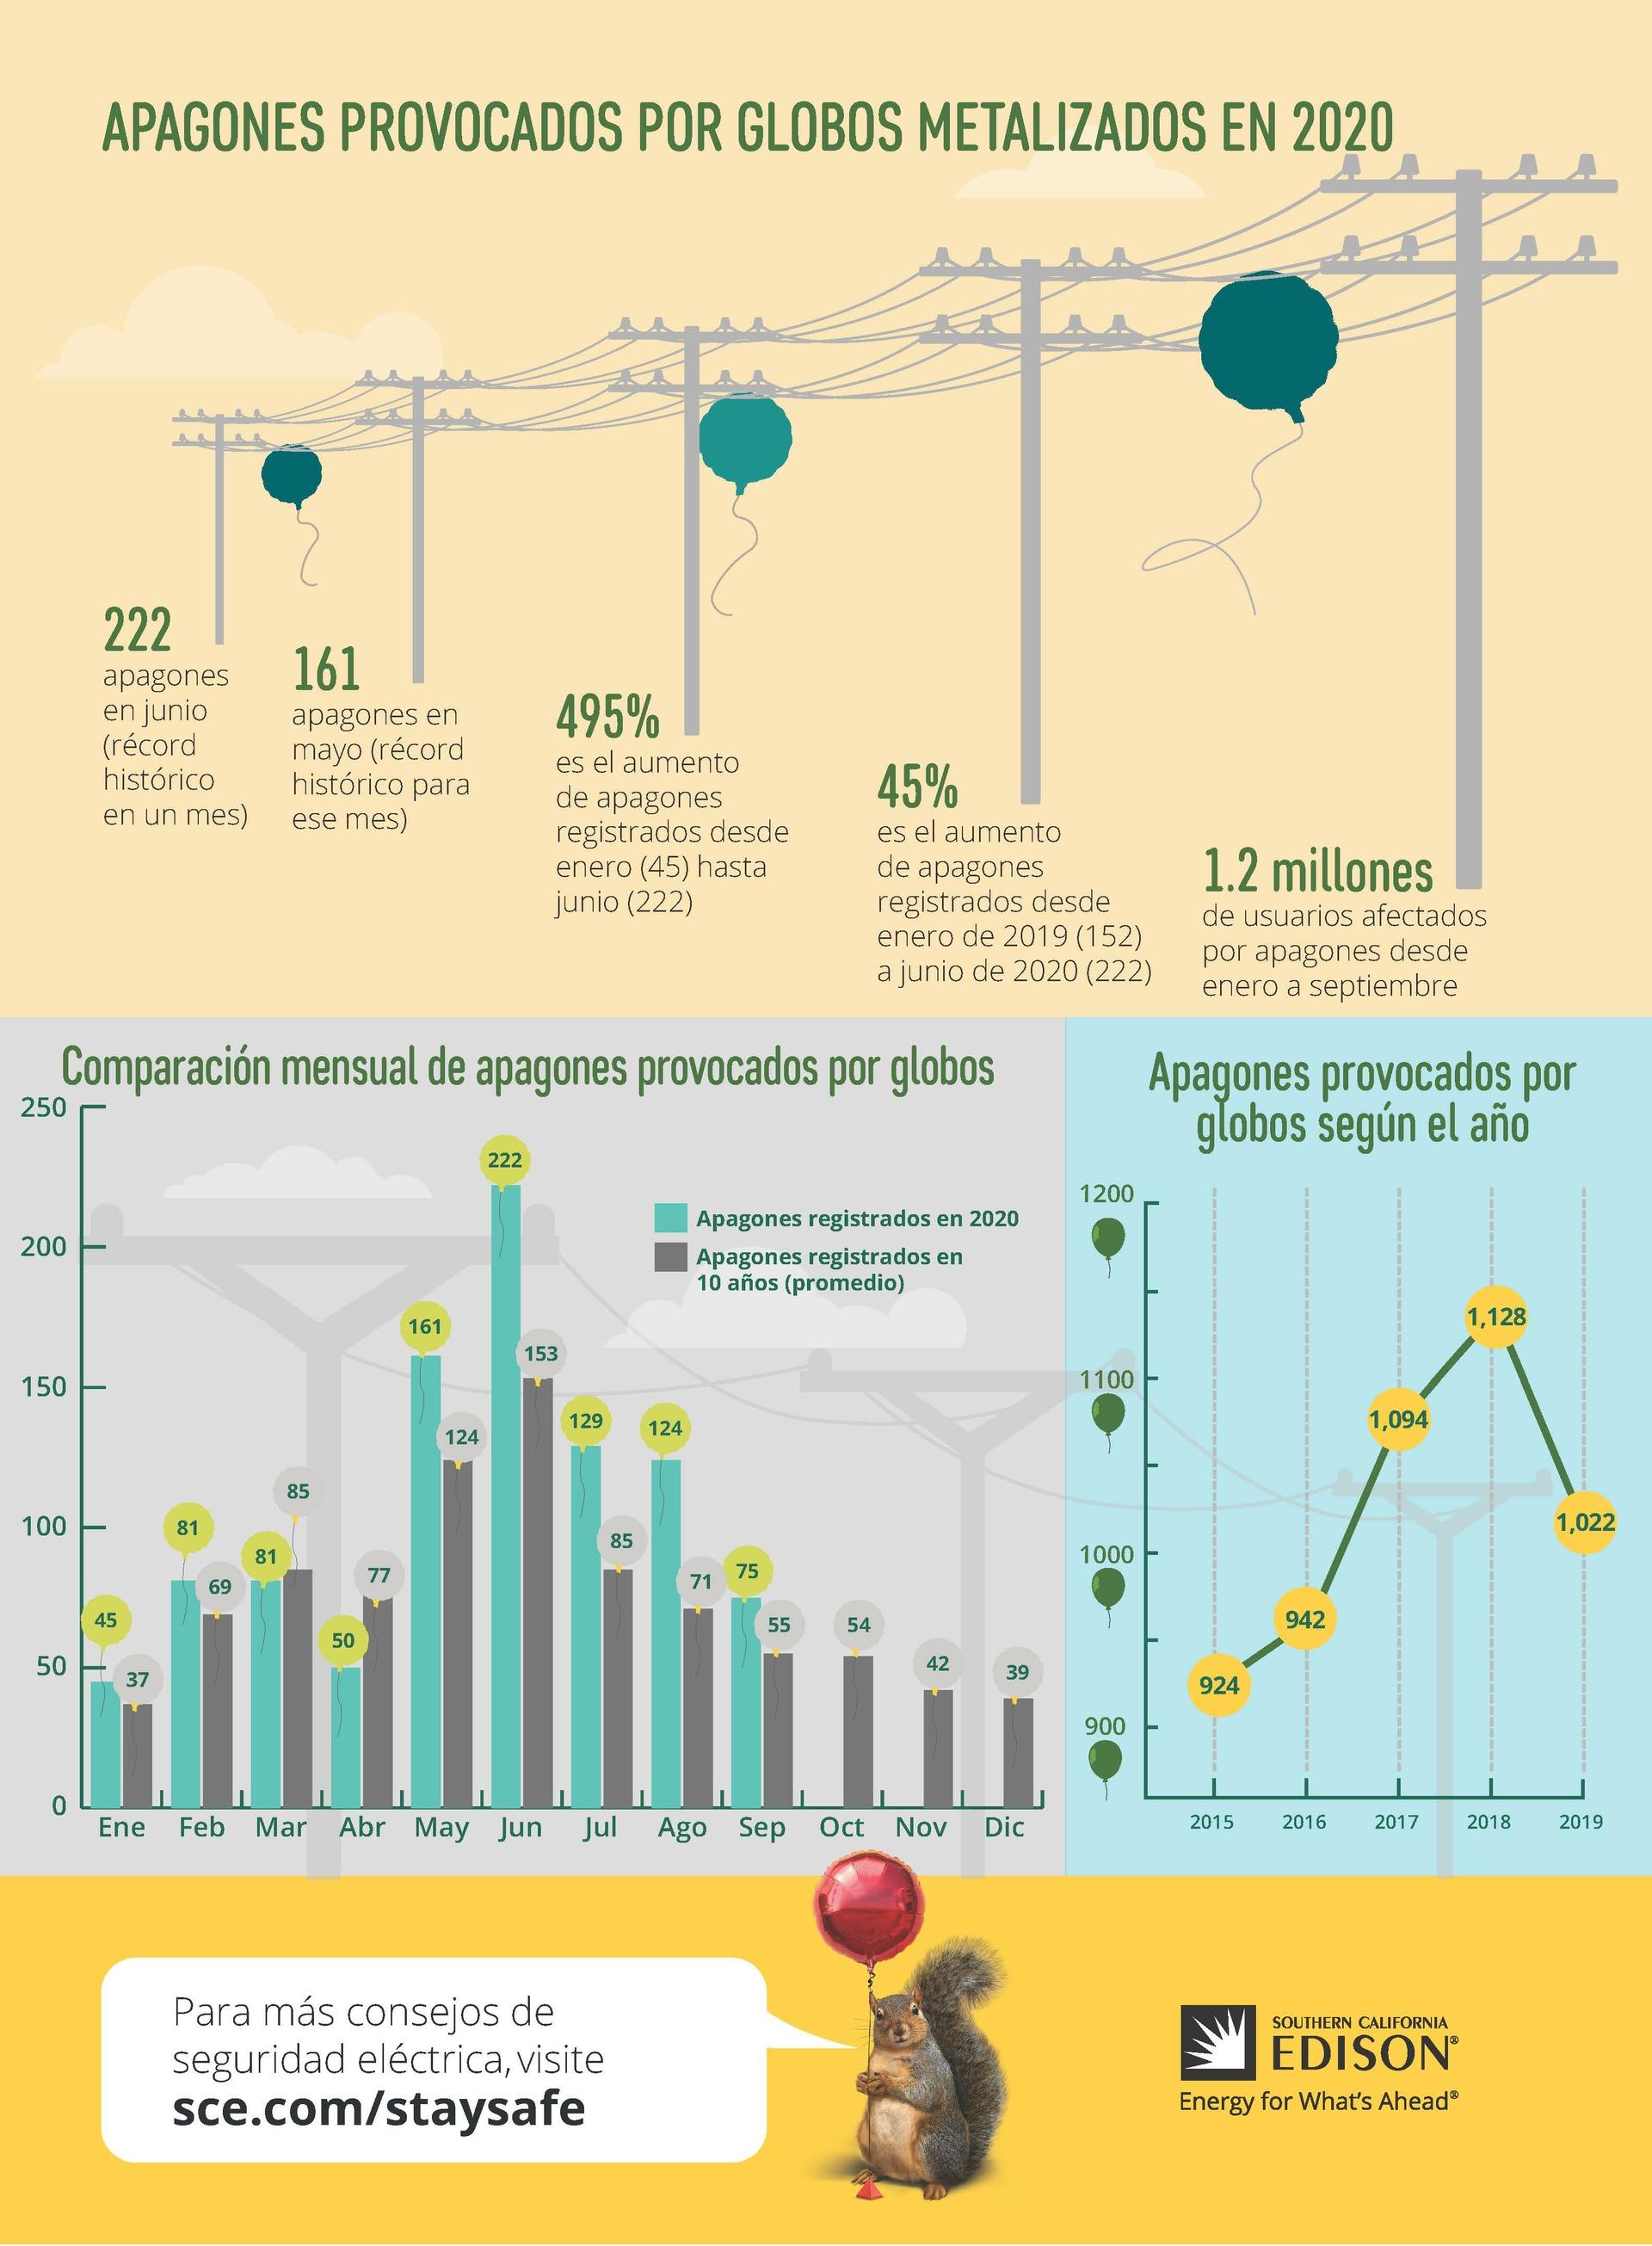 G20-208 Metallic Balloon Infographic-en-es-C